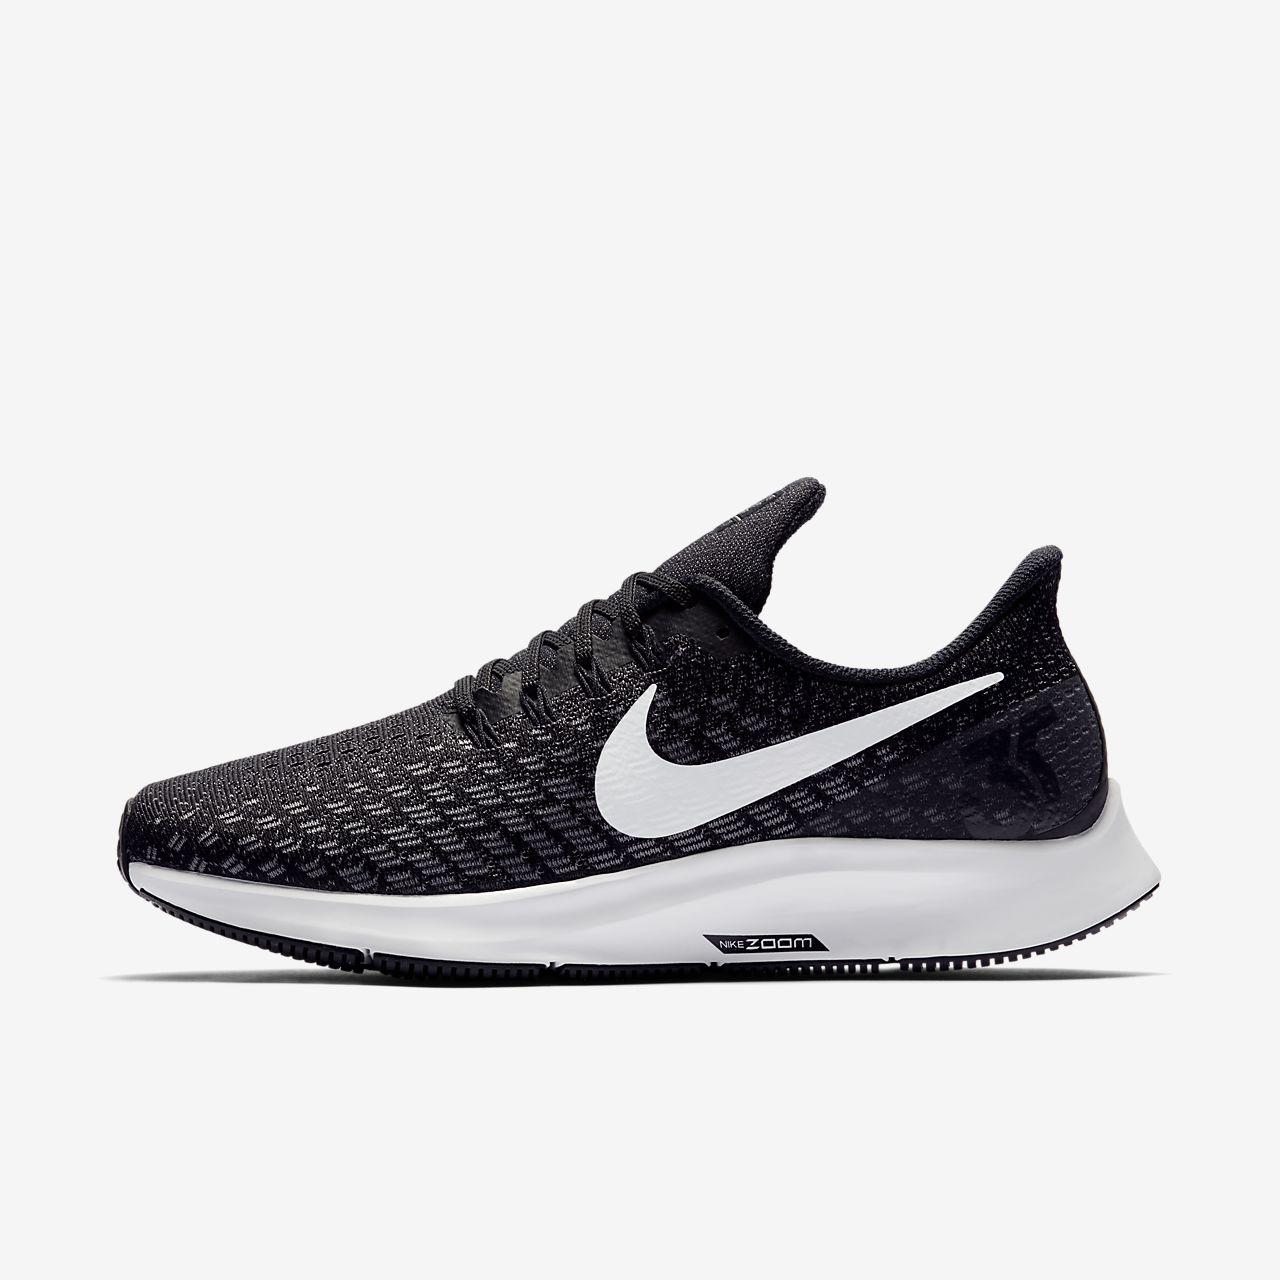 Dámská běžecká bota Nike Air Zoom Pegasus 35 (široké provedení ... aa61156edd